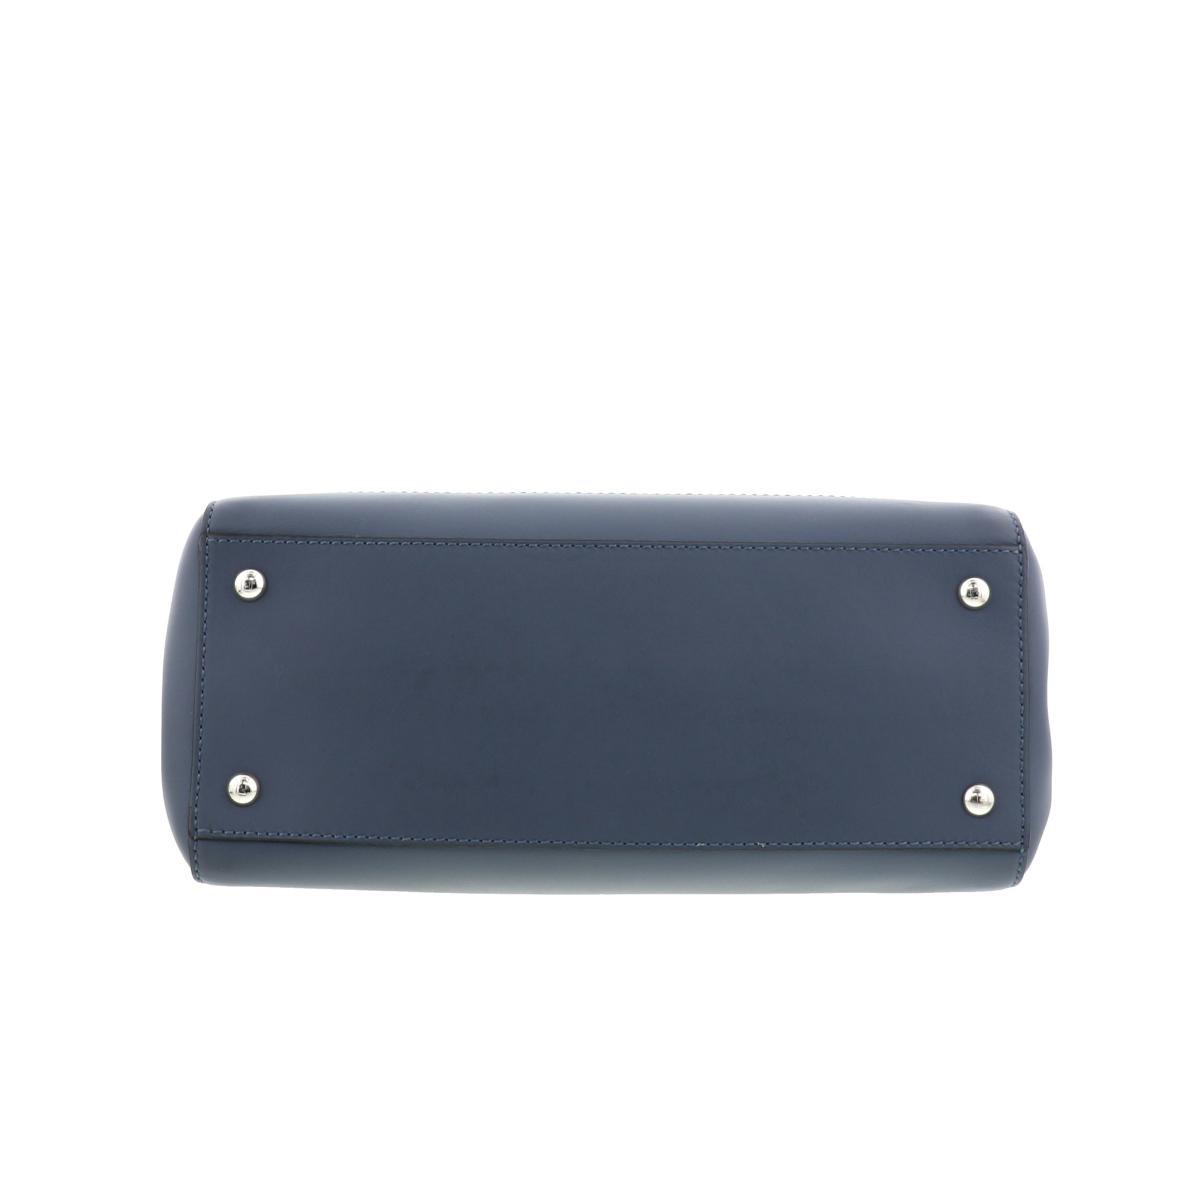 【中古】FENDI フェンディ ドットコム バッグ ショルダー/メッセンジャーバッグ  Blue/ブルー 8BN2935QLF01F3 used:B